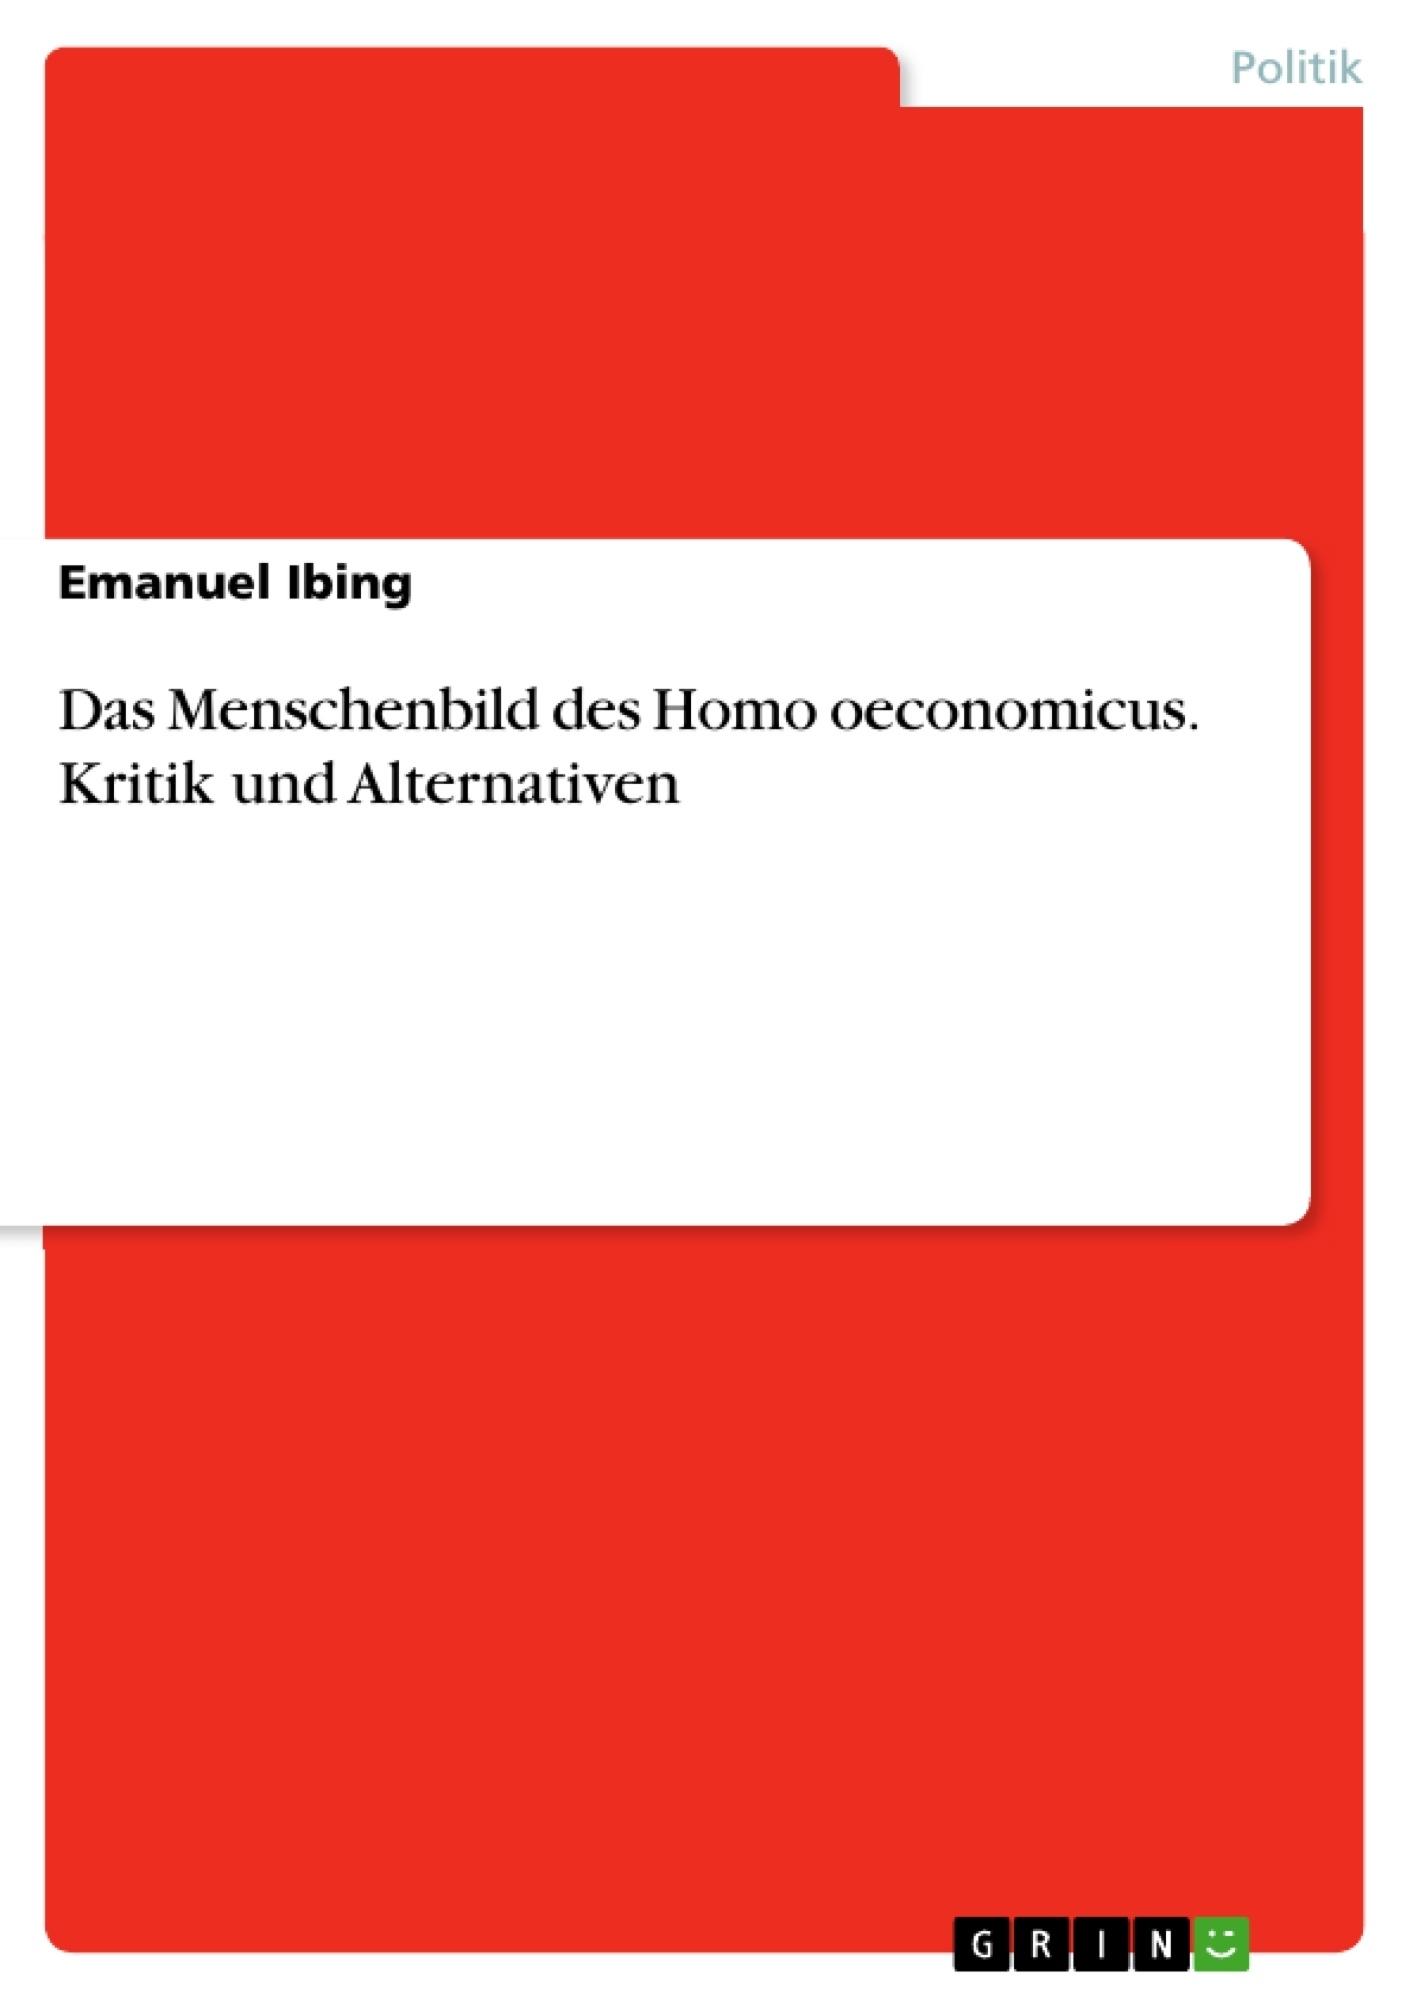 Titel: Das Menschenbild des Homo oeconomicus. Kritik und Alternativen